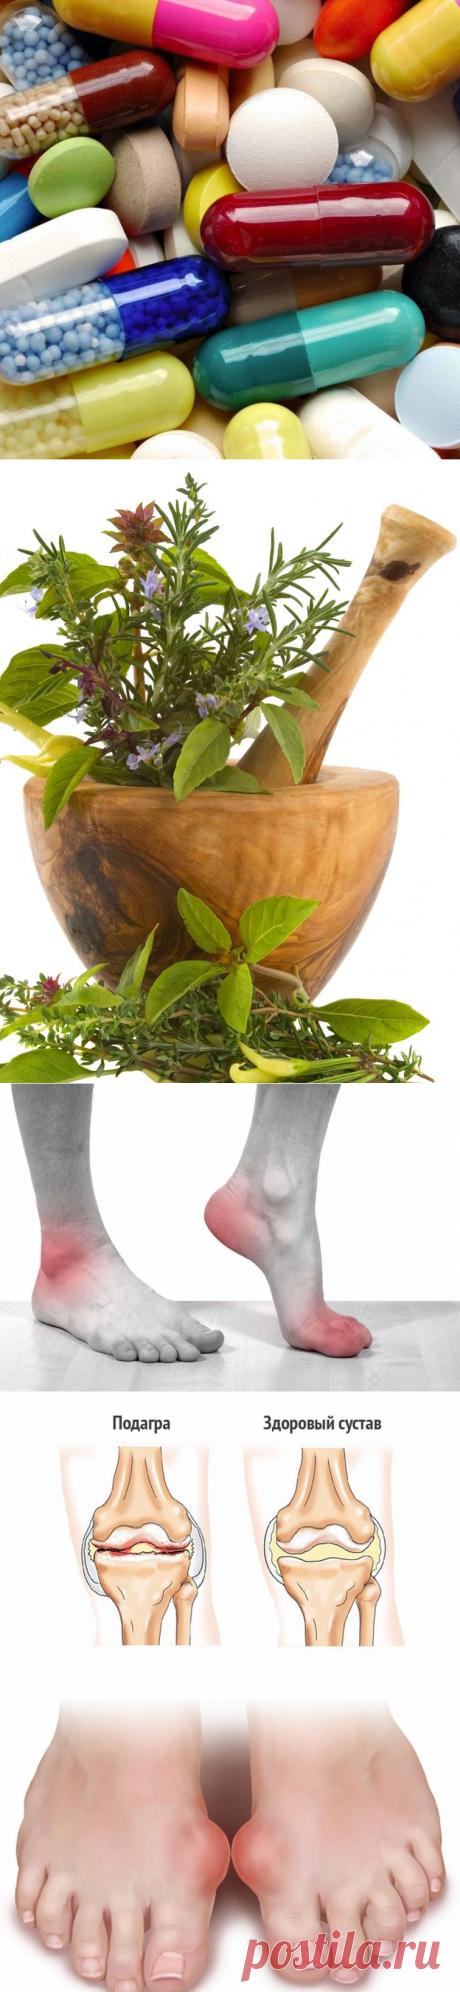 Травы при подагре: эффективное лечение сборами, ванночками и компрессами